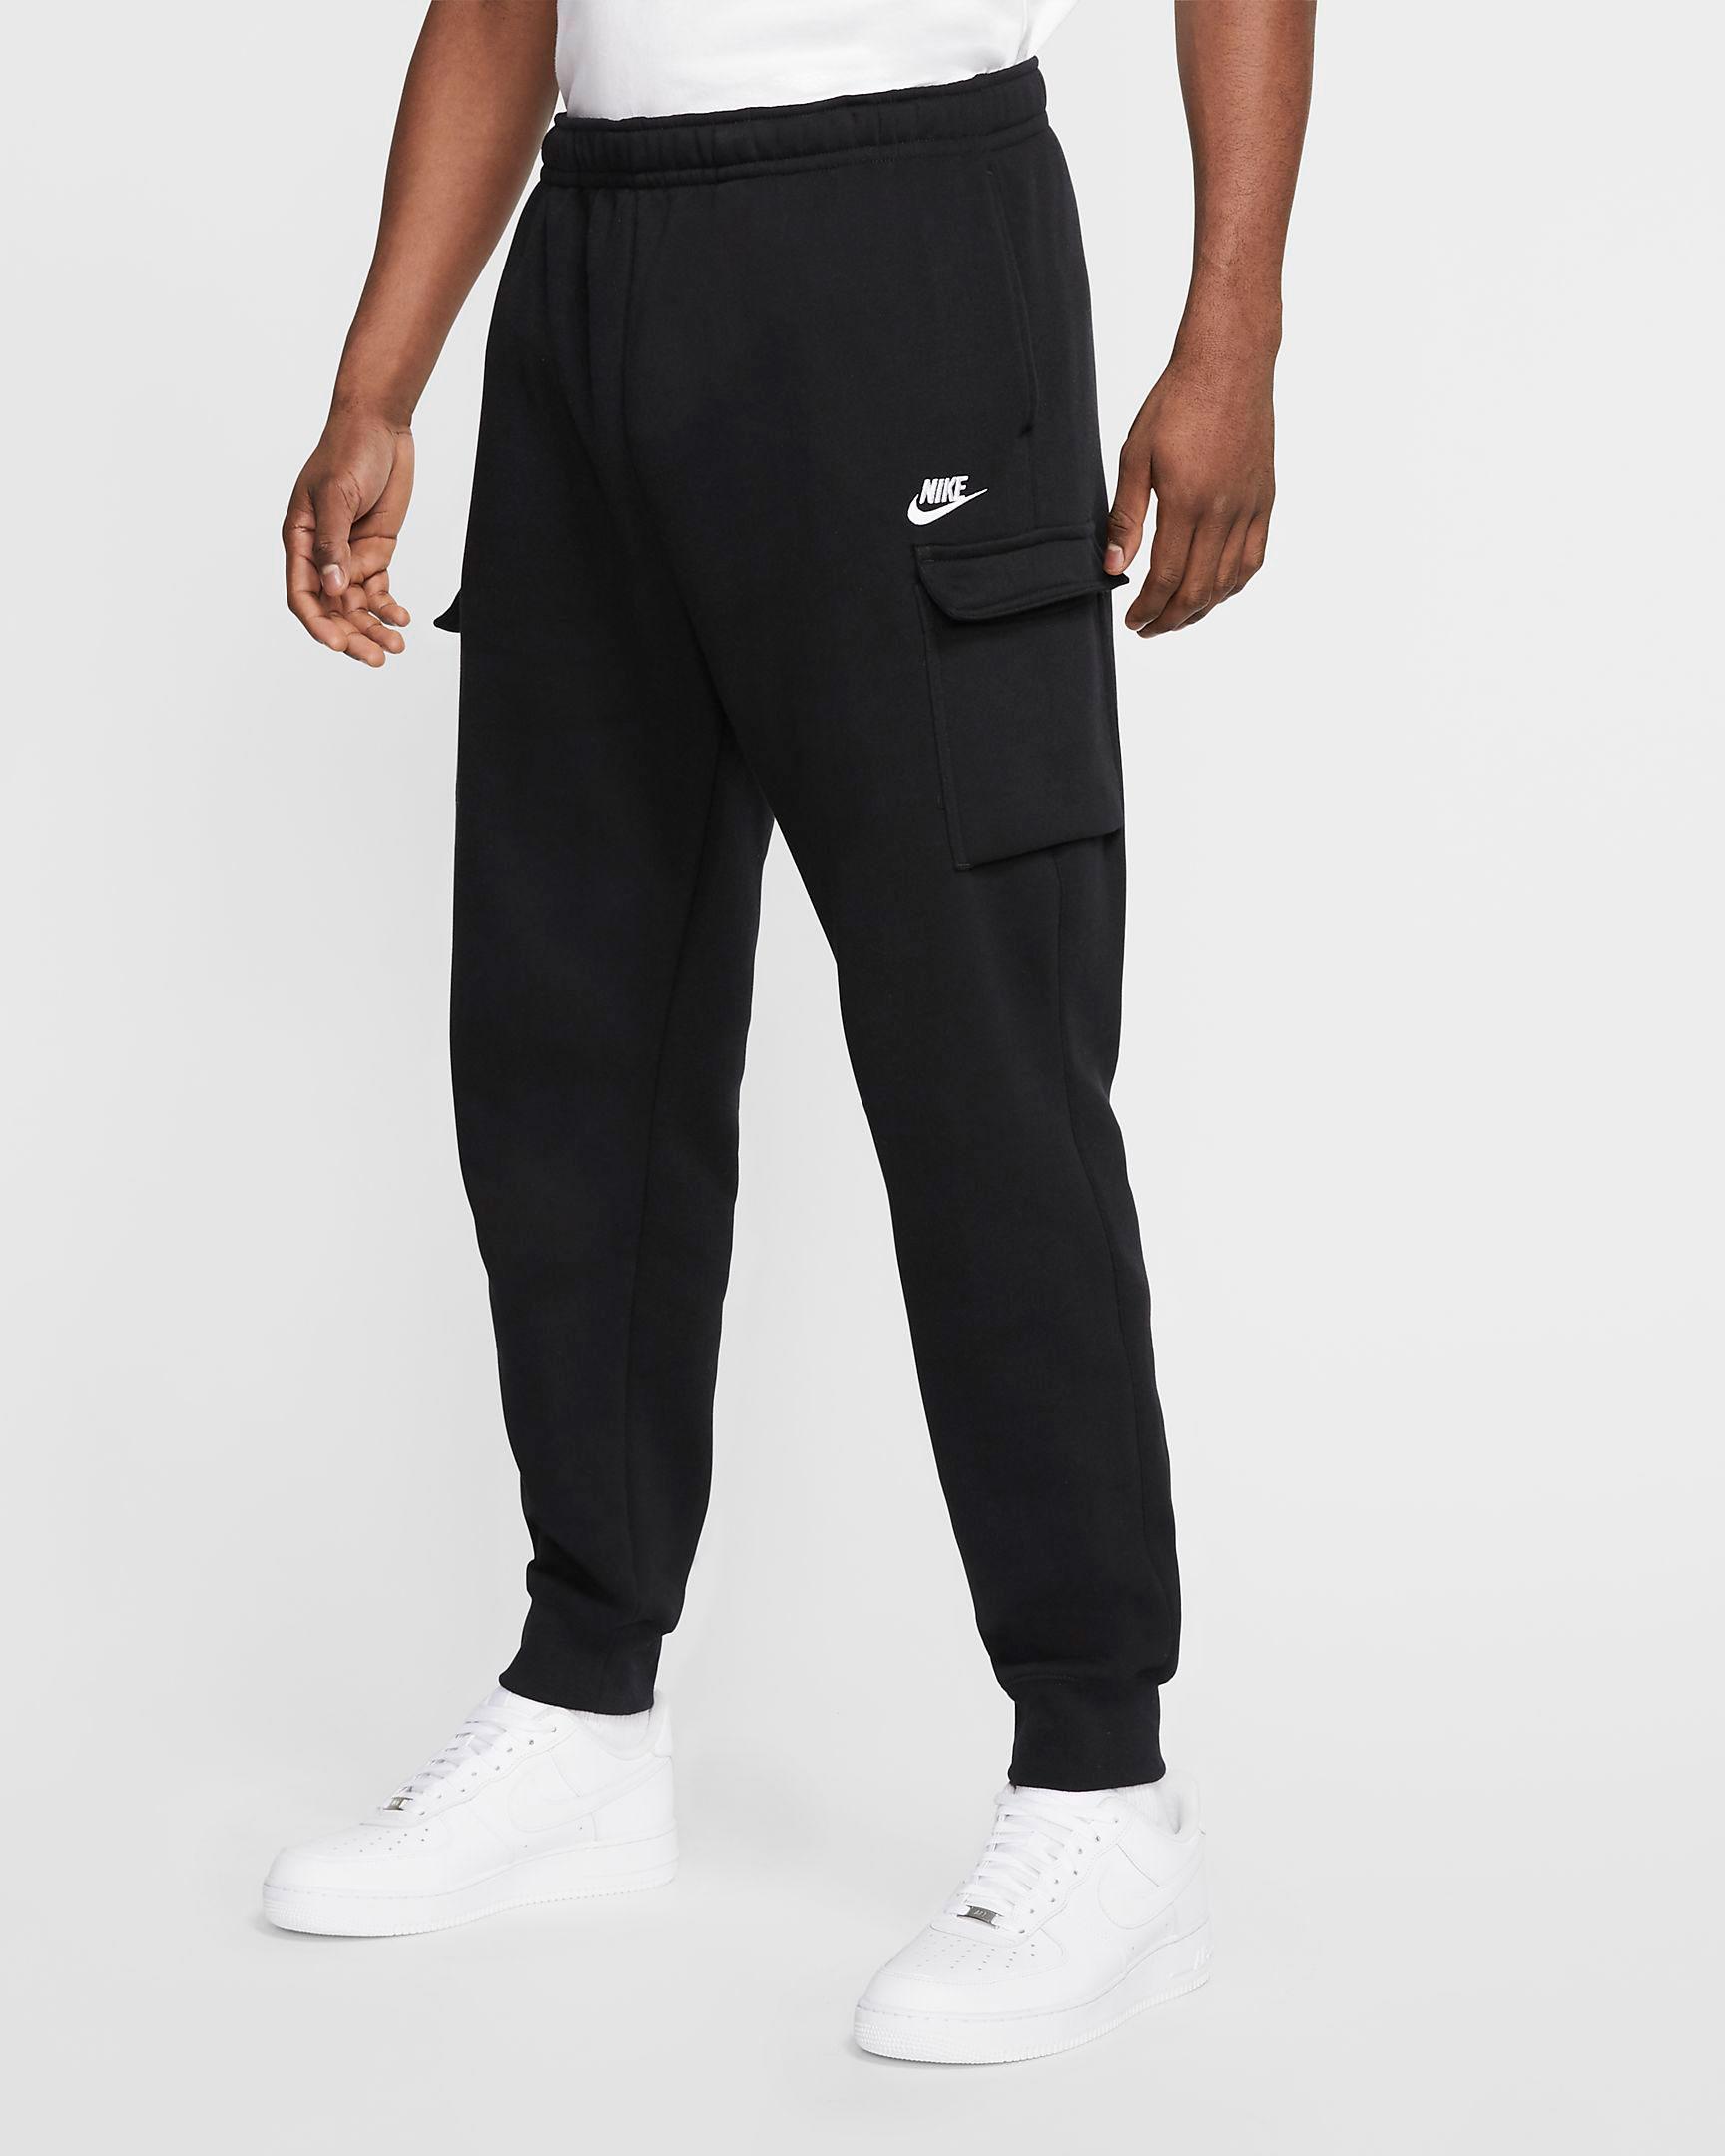 nike-club-fleece-cargo-pants-black